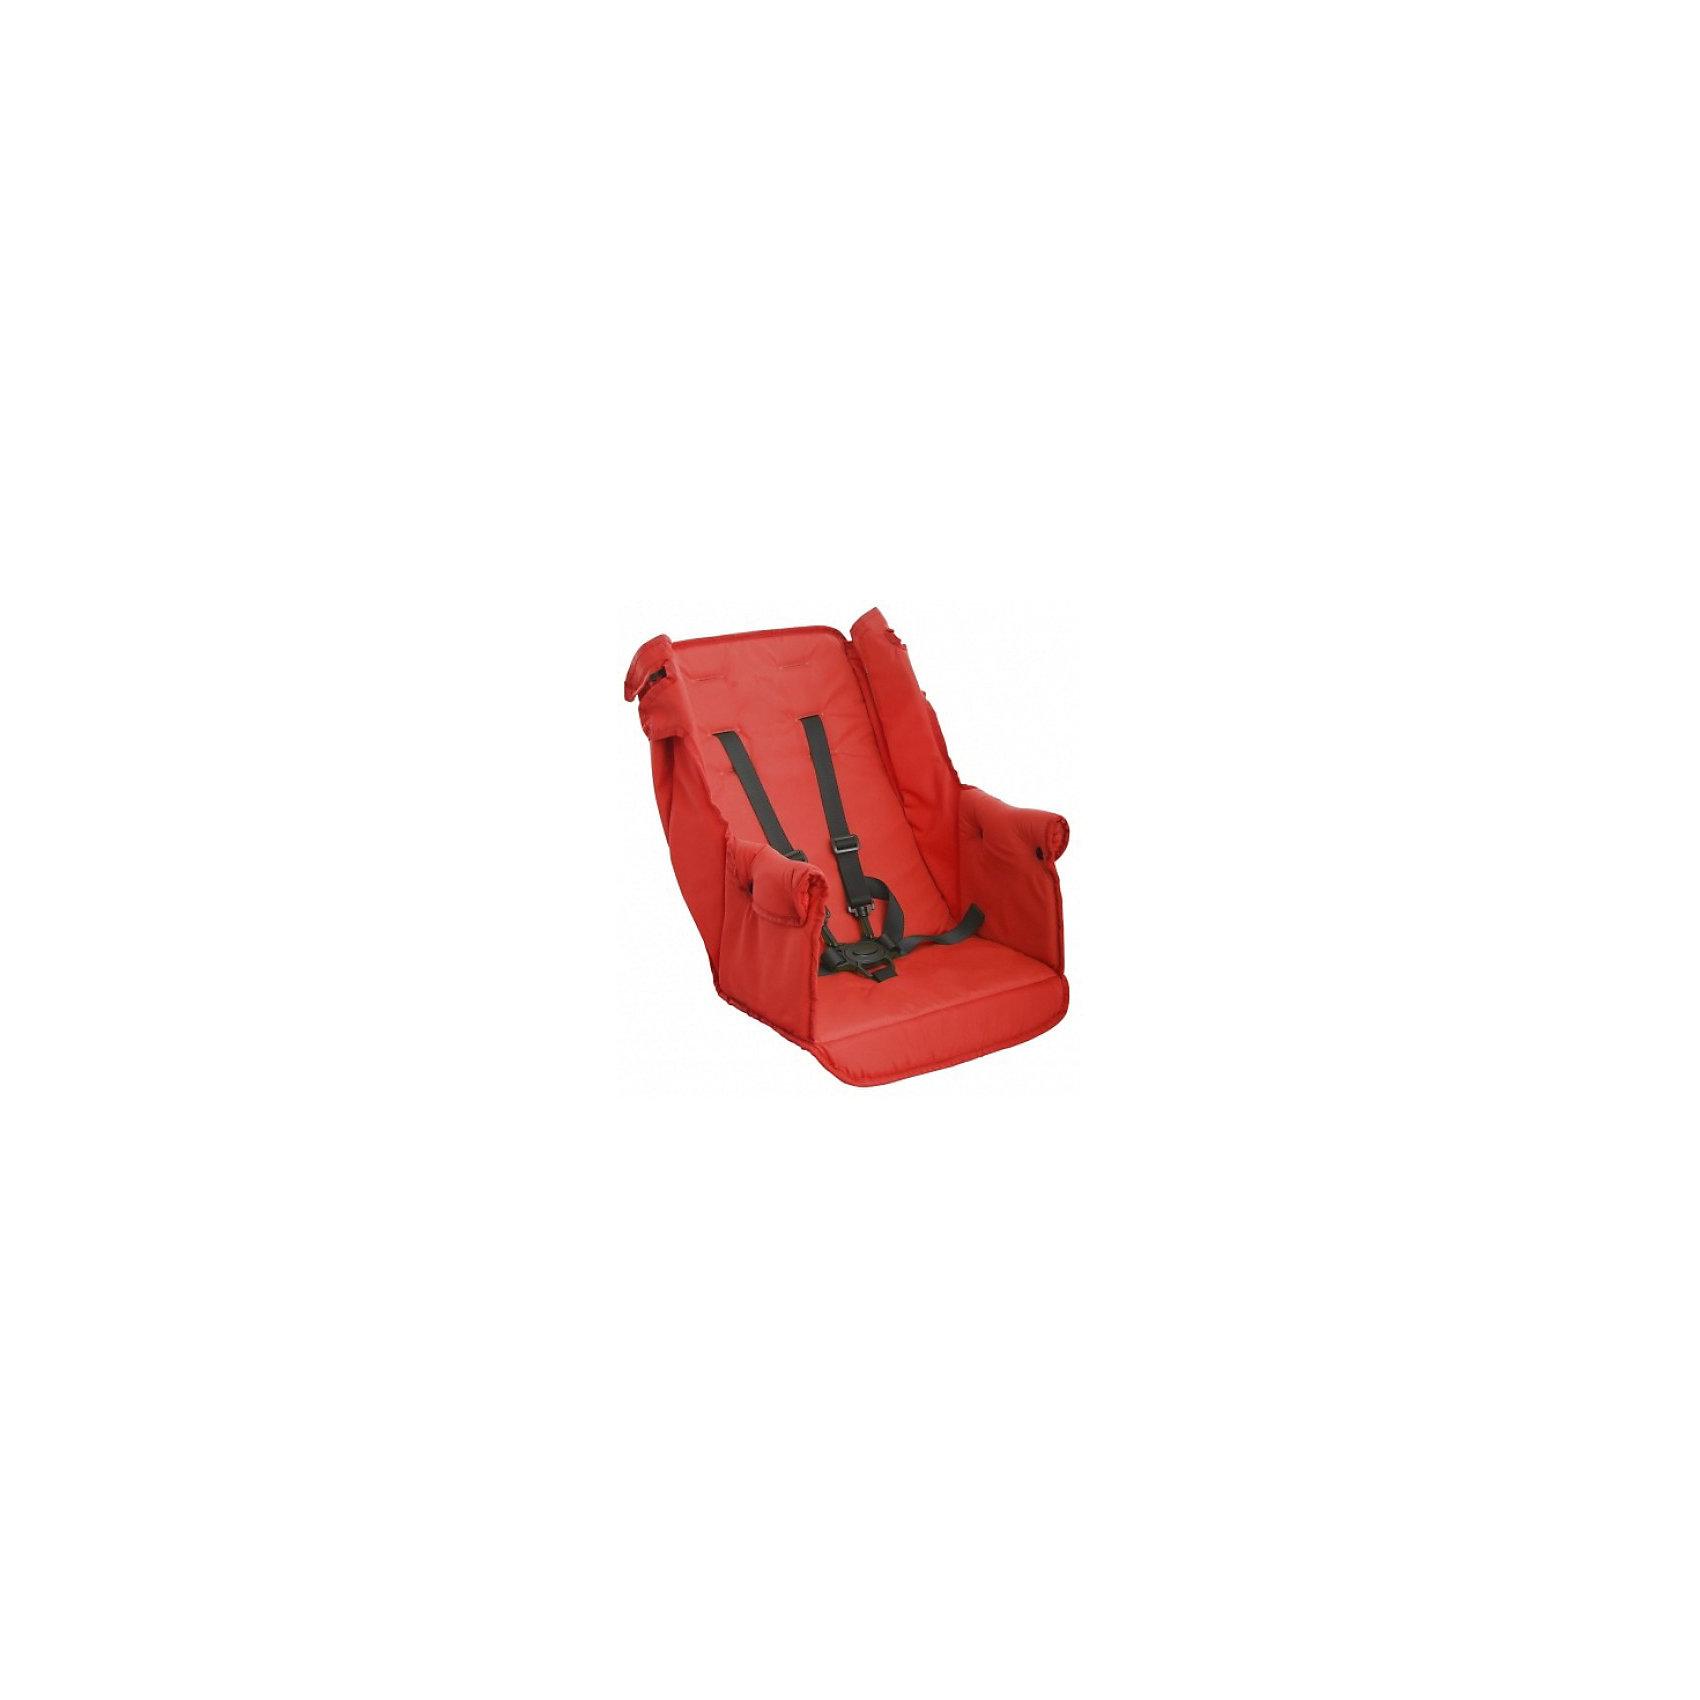 Второе сидение для коляскиCaboose Too seat, Joovy, красныйВторое сидение Caboose Too seat красное арт.9061<br><br>Ширина мм: 410<br>Глубина мм: 80<br>Высота мм: 440<br>Вес г: 2000<br>Возраст от месяцев: 0<br>Возраст до месяцев: 36<br>Пол: Унисекс<br>Возраст: Детский<br>SKU: 5572075